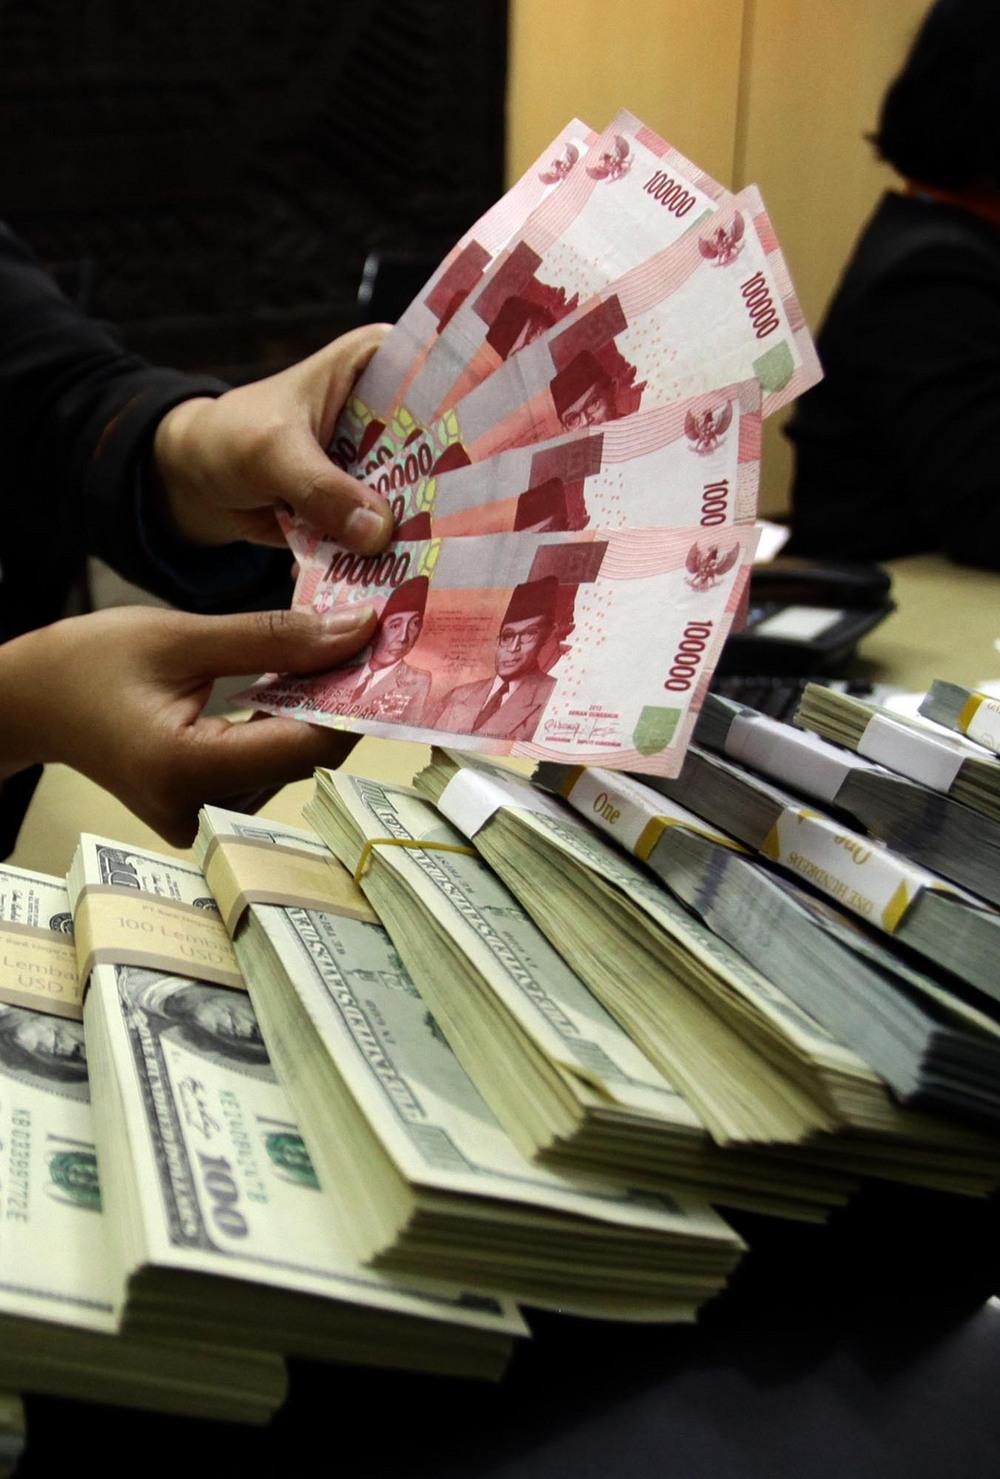 Dolar AS Balik ke Rp 13.000-an, Ini yang Bikin Rupiah Kuat